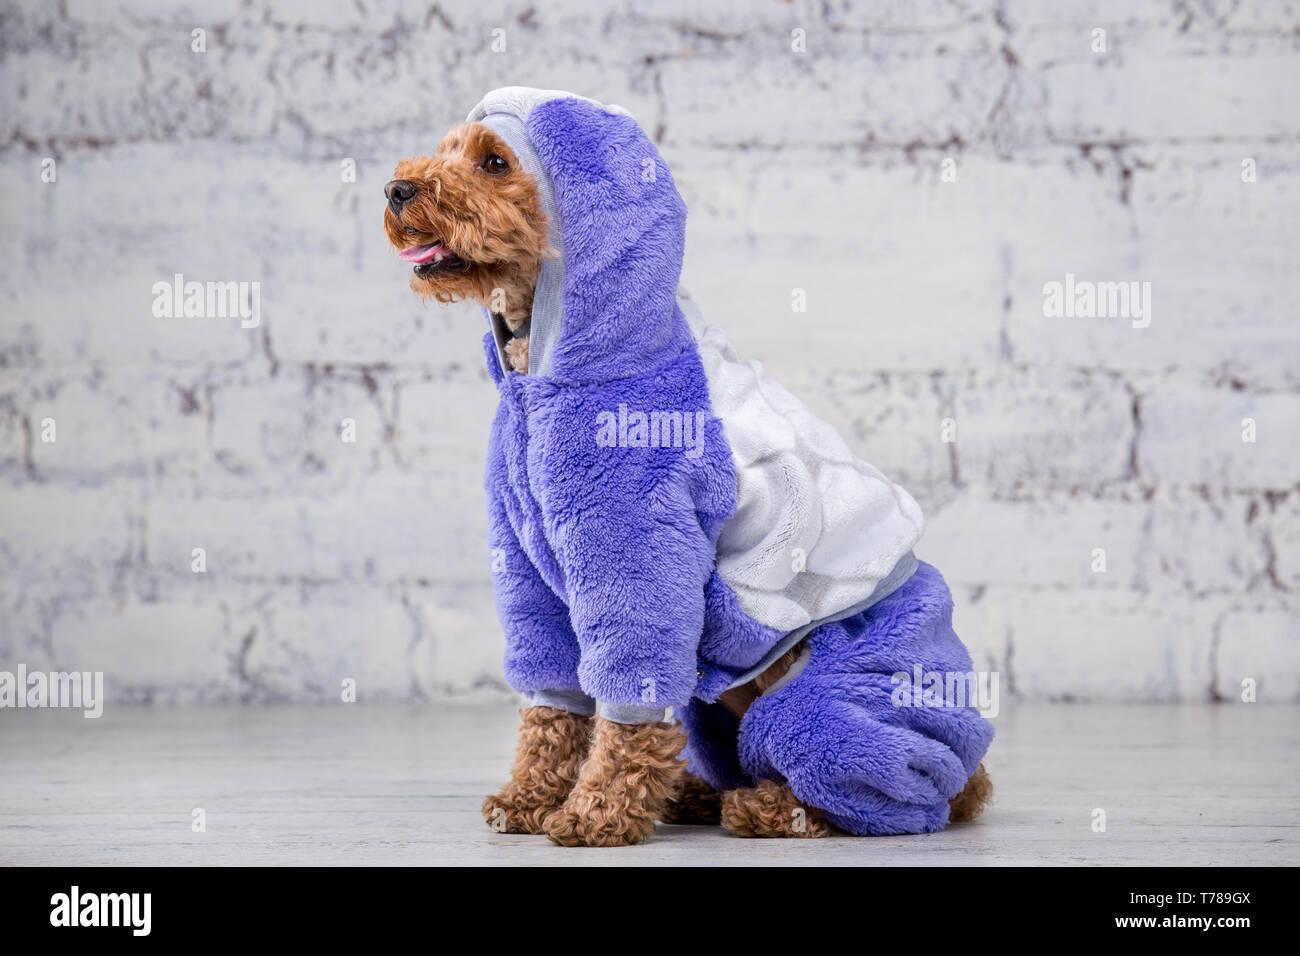 1b92ff6df81b Pequeño perro gracioso de color marrón con el pelo rizado de raza poodle de  juguete posando